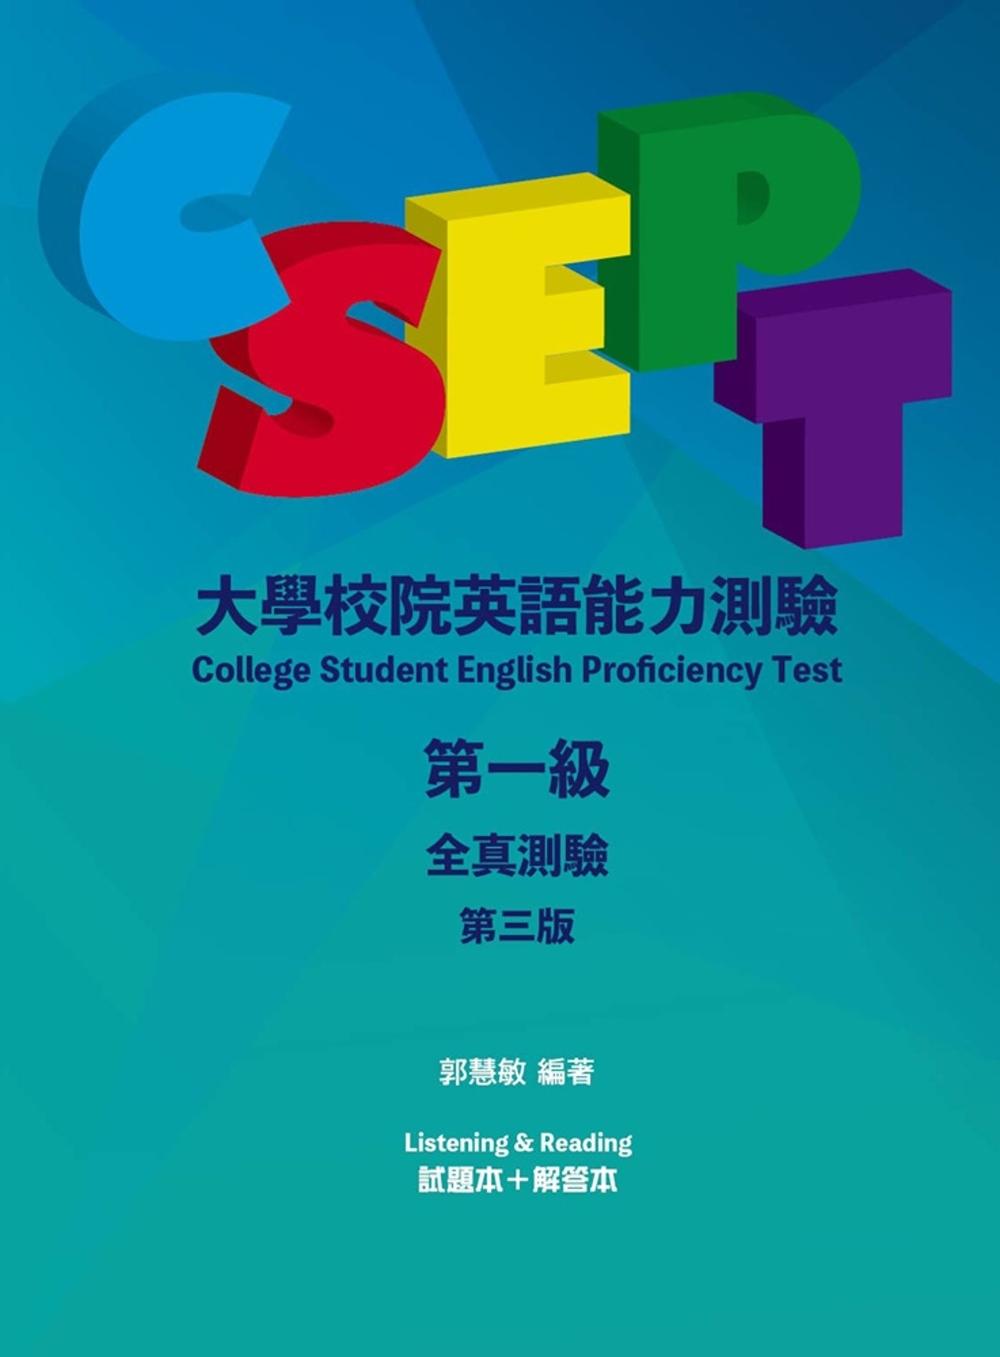 CSEPT:大學校院英語能力測...